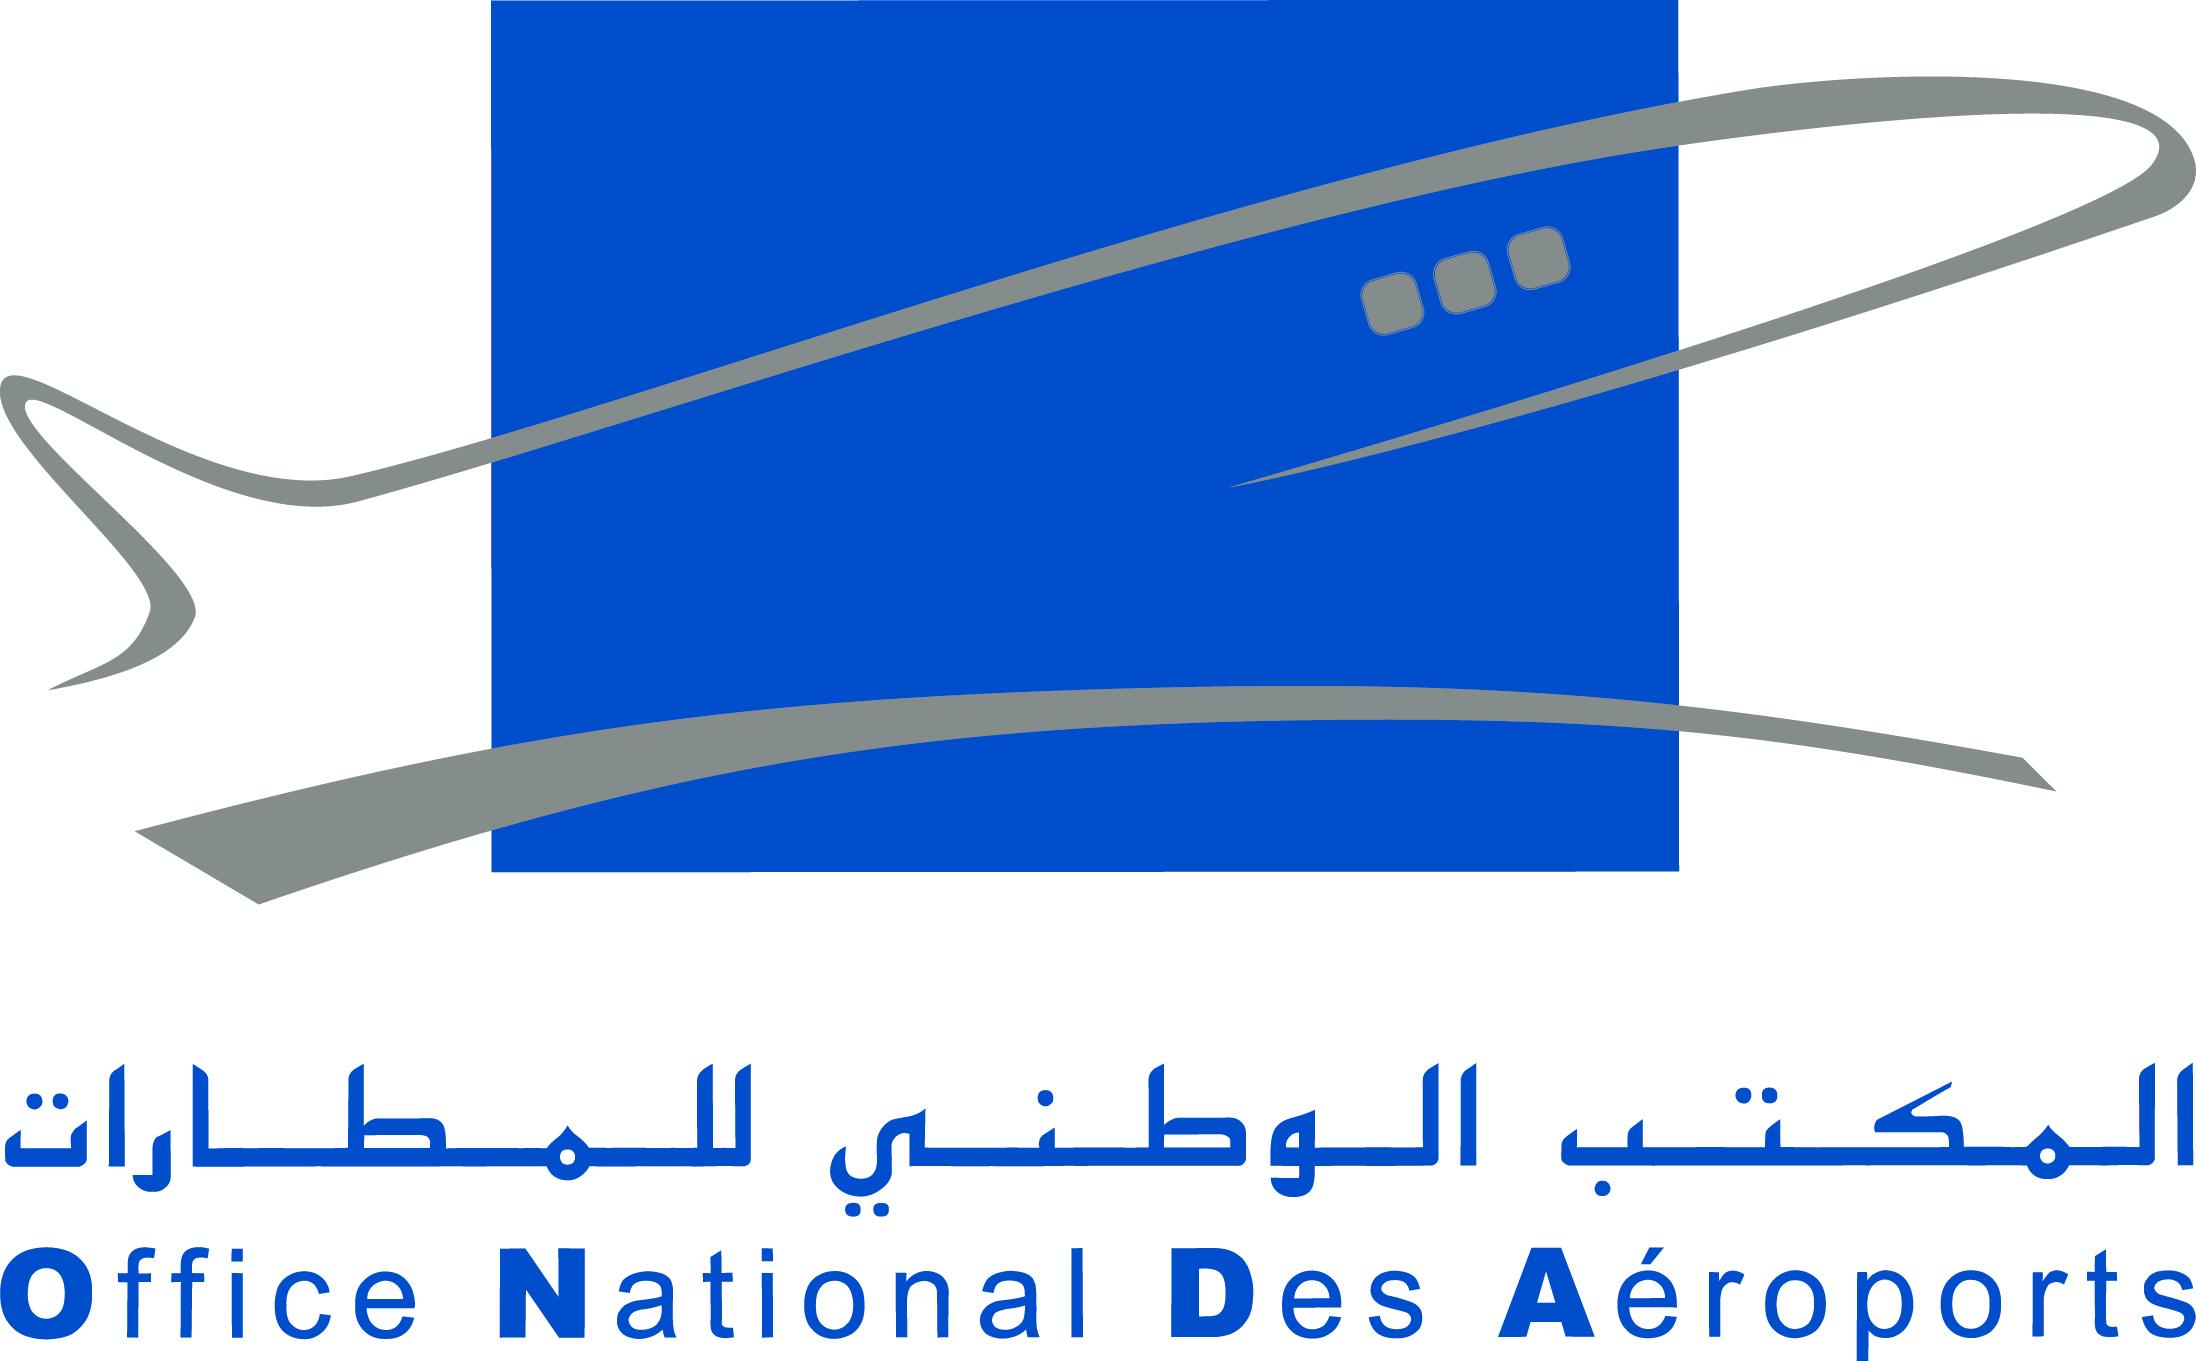 المكتب الوطني للمطارات : مباريات توظيف 12 مهندس و 13 تقني و 27 تقني متخصص و 5 أطر و مسؤولين و كاتب إدارة. آخر أجل هو 20 نونبر 2012